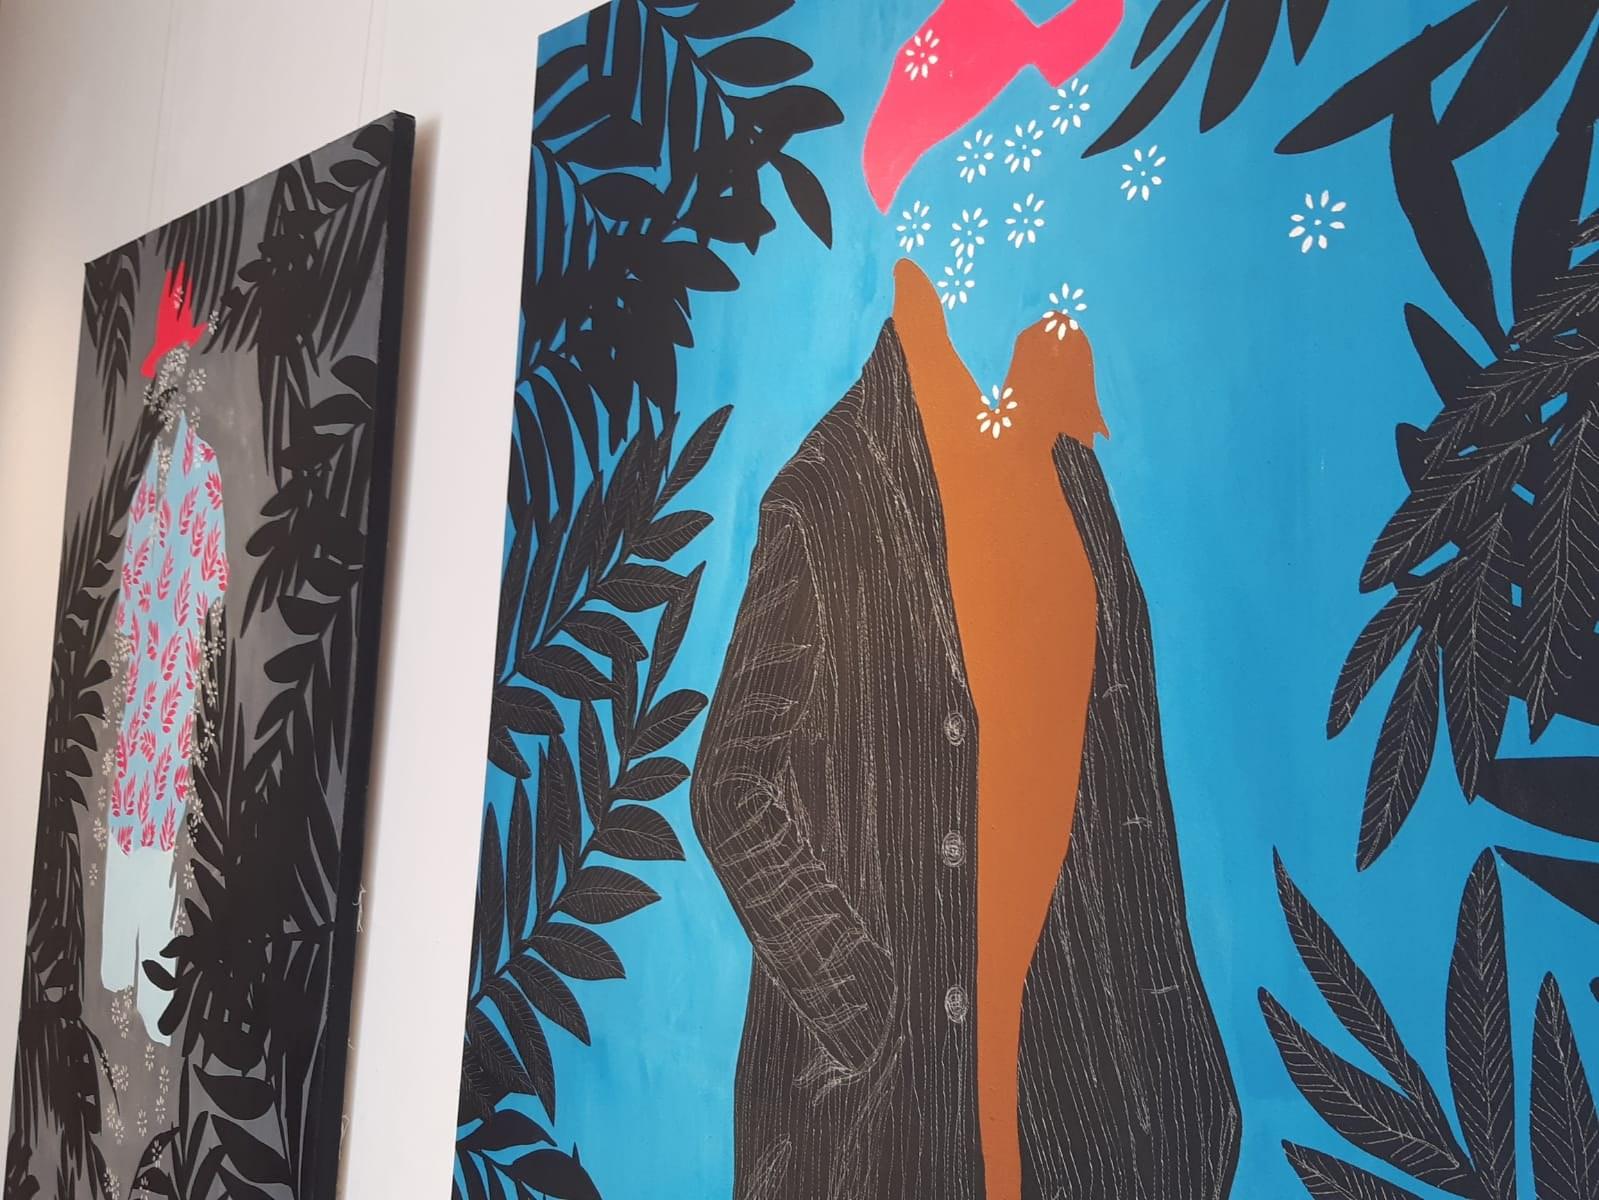 L'exposició 'African Art' rep més de 1.300 visites